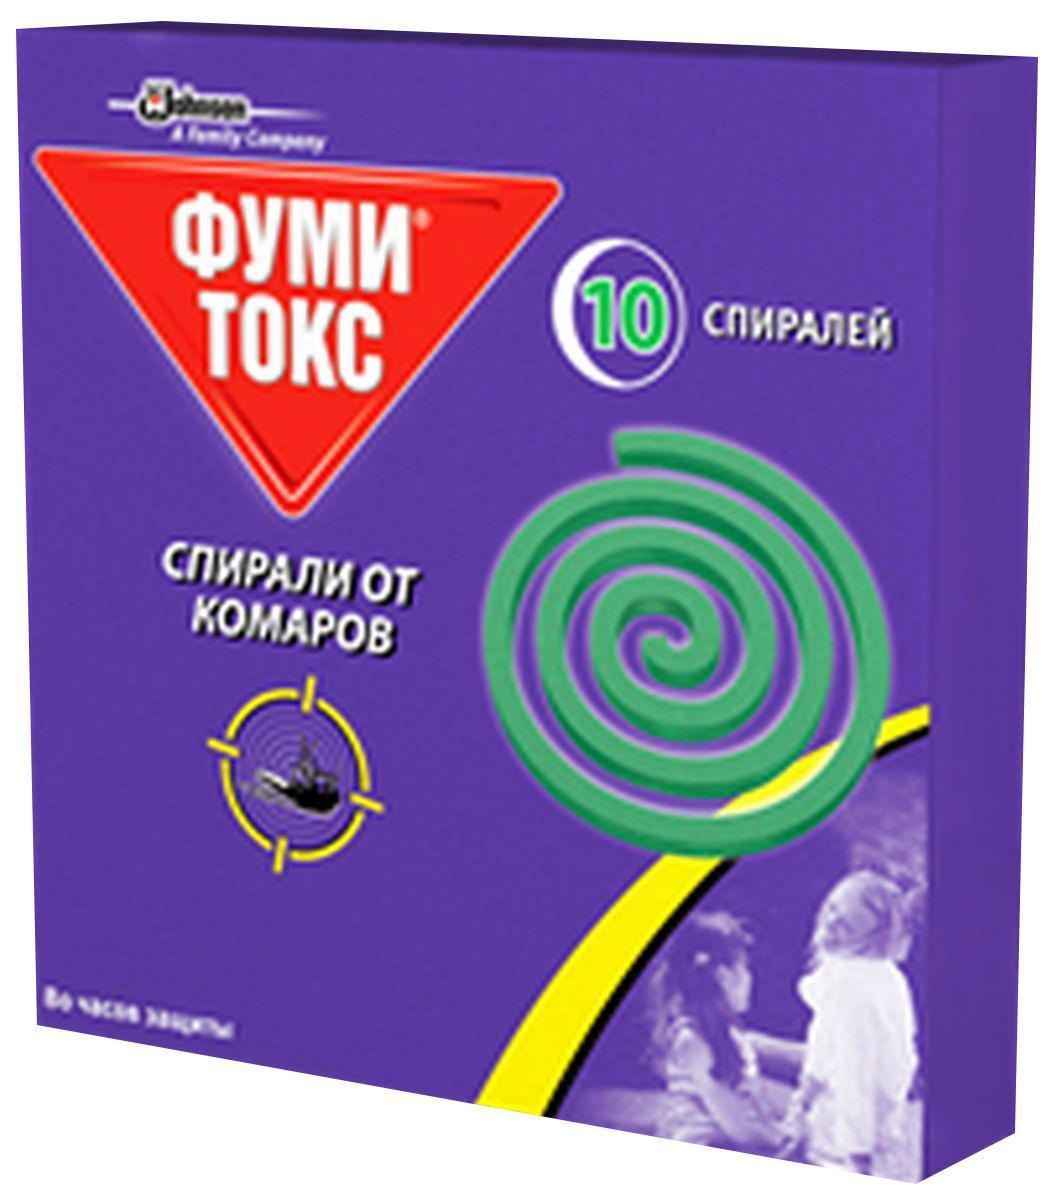 Спирали от комаров ФУМИТОКС зеленые 10 шт + спираль в подарок 20/12